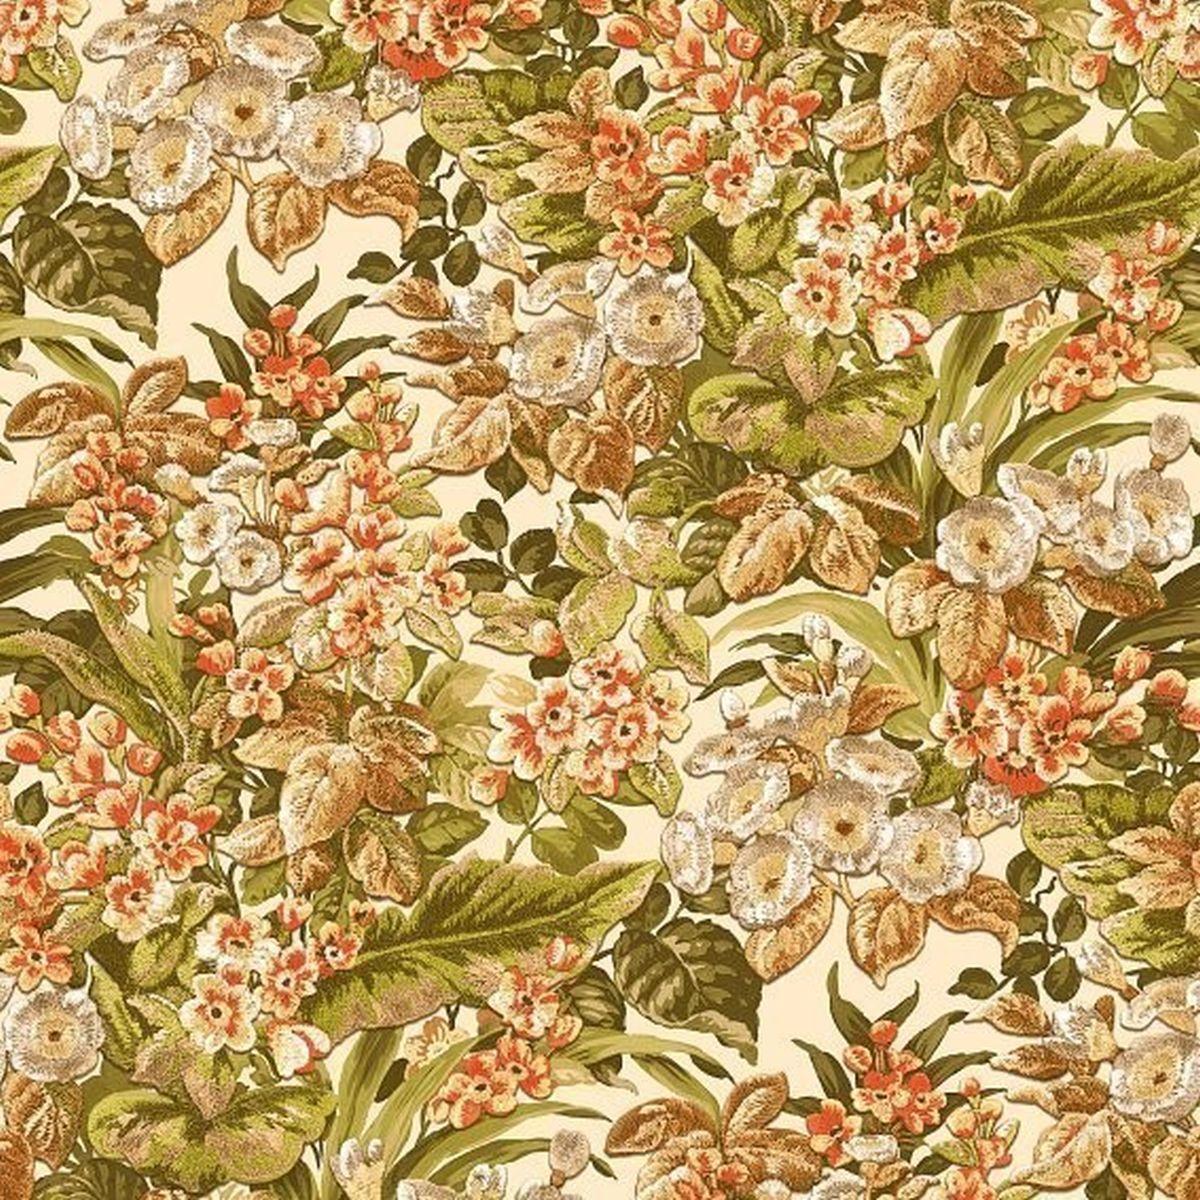 DesignID Vliestapete Qualitätsvolle Tapete BA220021 Grün Blumentapete